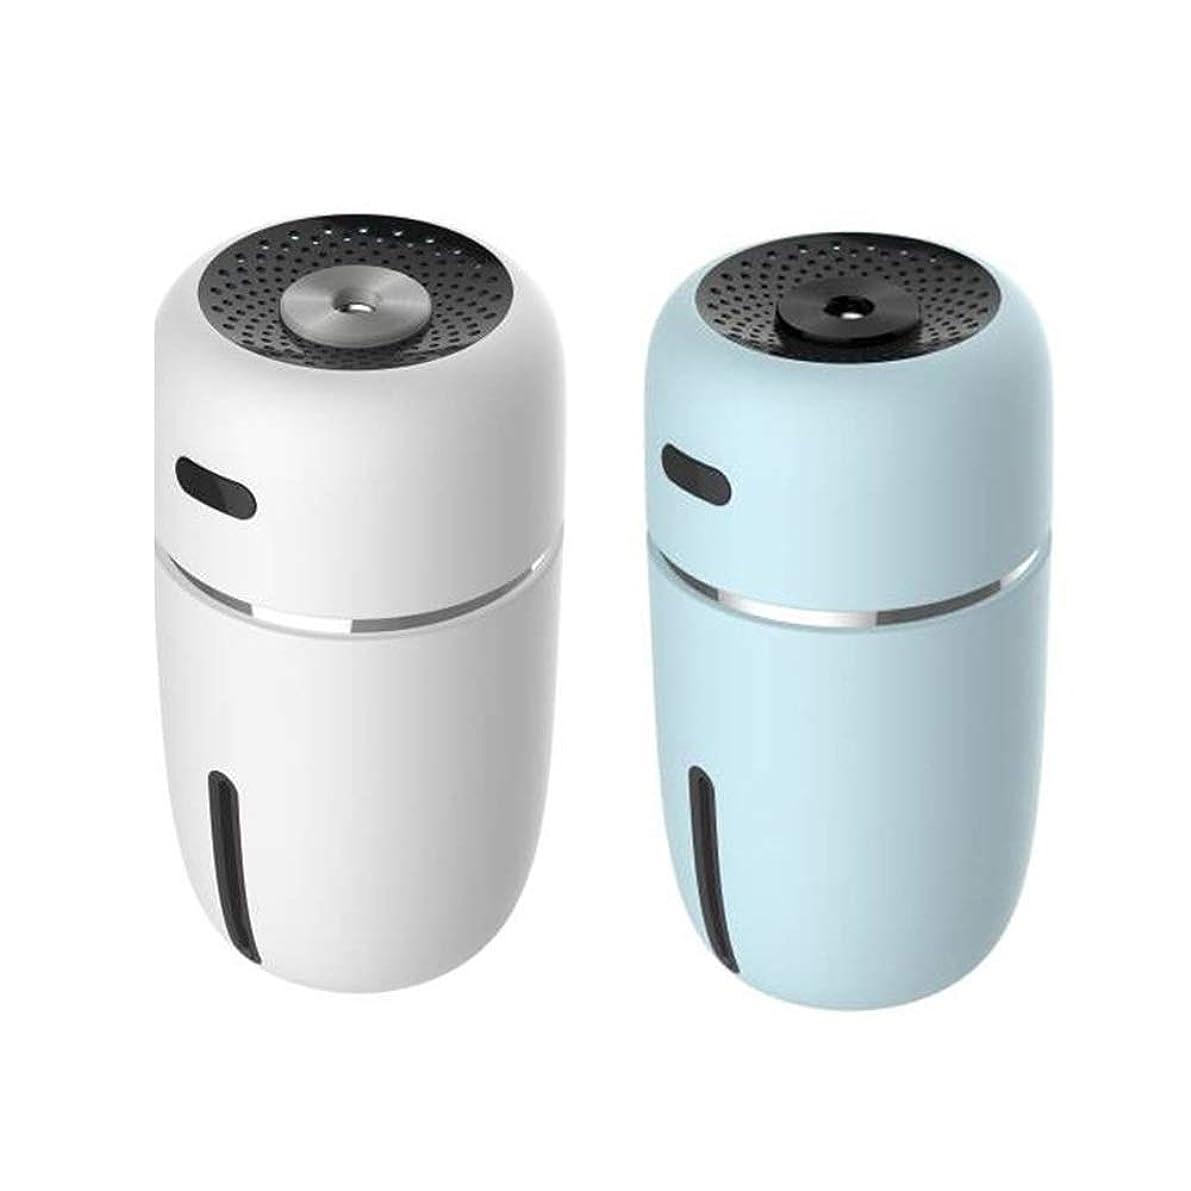 袋歌うすることになっているZXF 新しいミニナノスプレー水和美容機器加湿器abs素材usb充電車のオフィス空気浄化水道メーター夜ライトブルーセクションホワイト 滑らかである (色 : White)